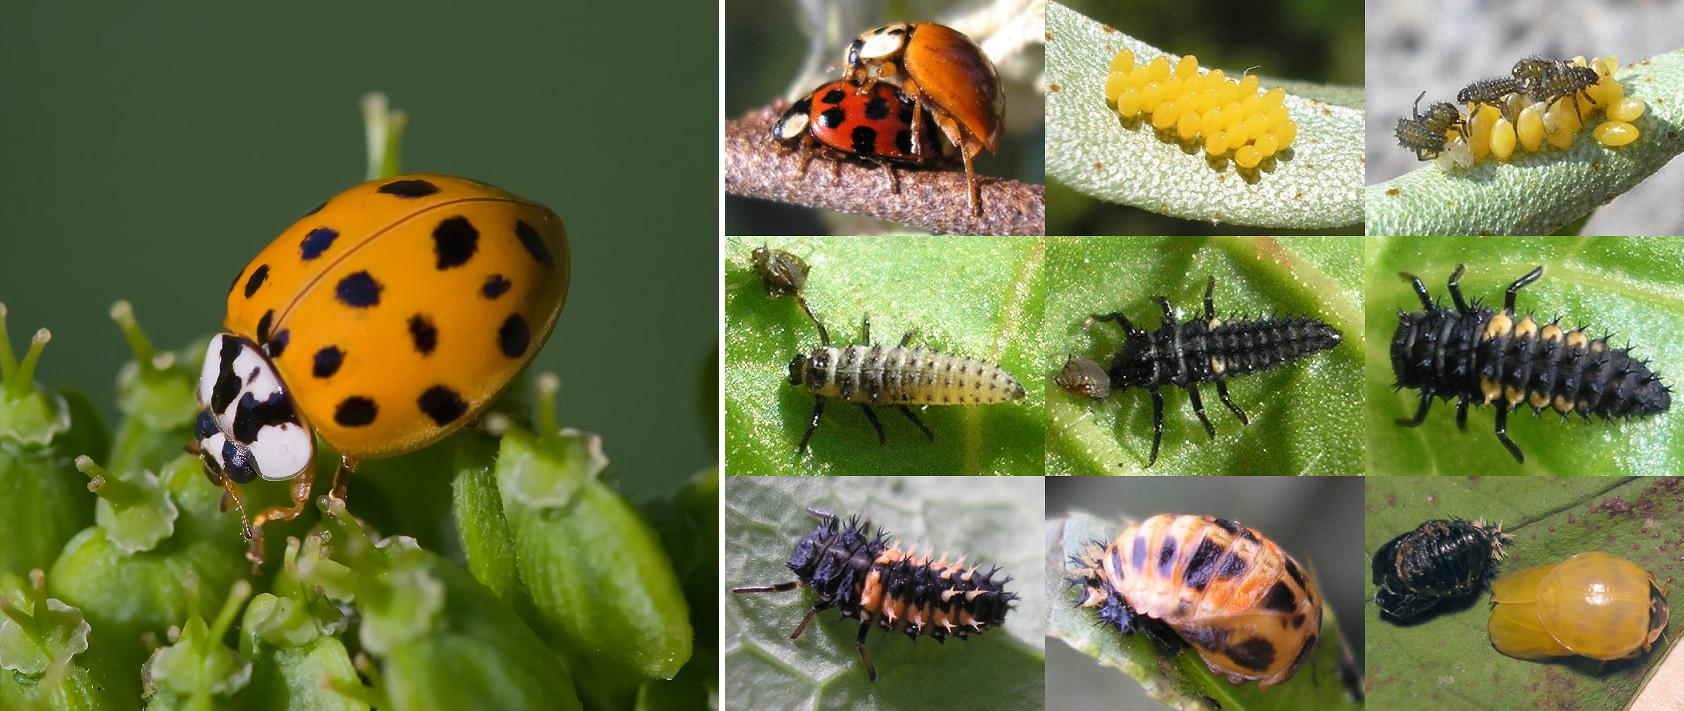 Asian ladybug - beetle and life cycle